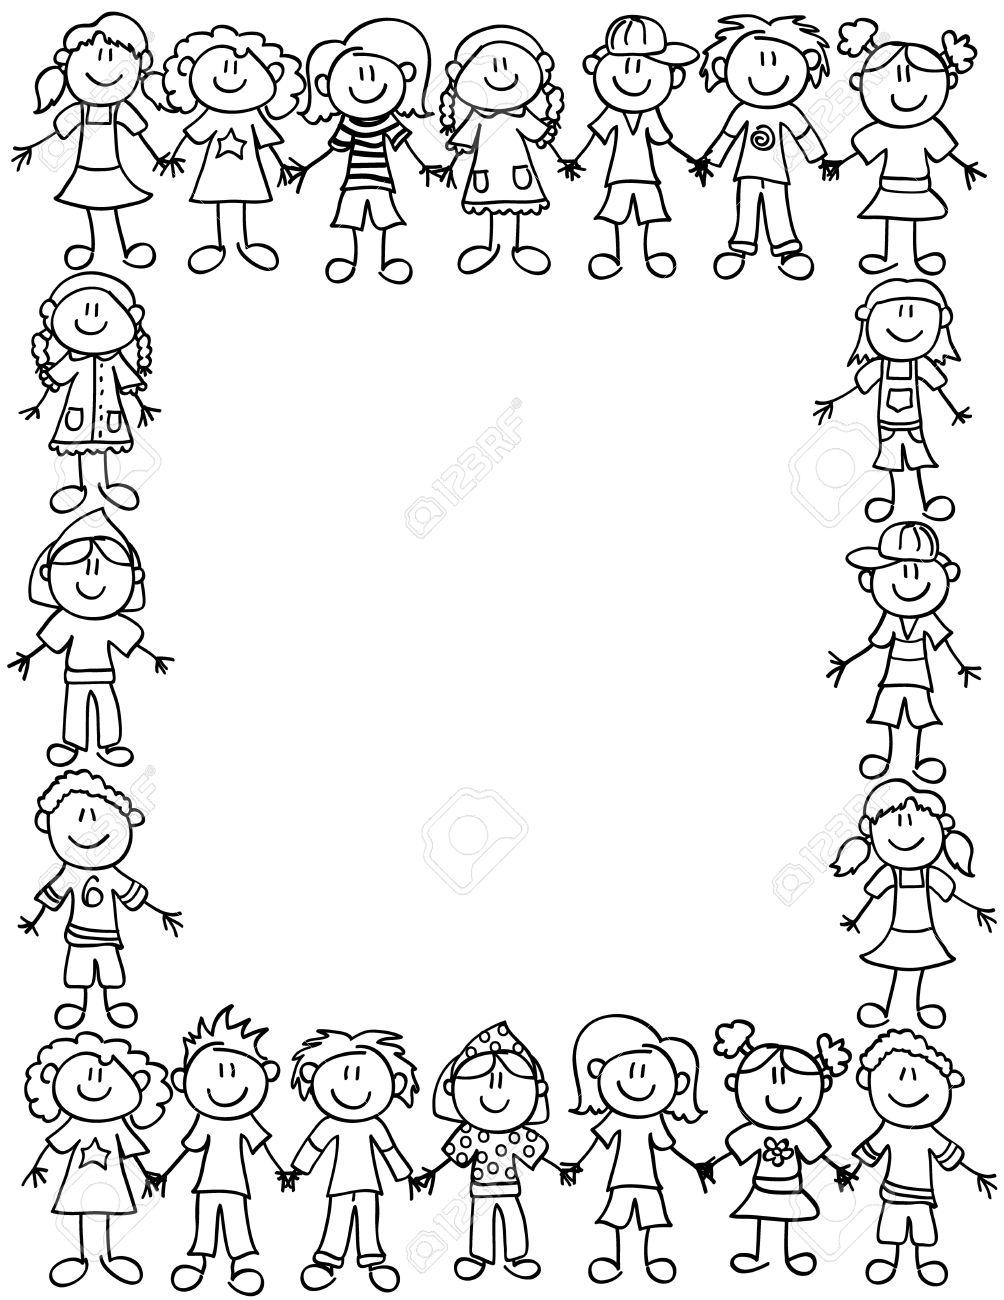 Bordure De Cadre Ou De Page De Personnages De Dessins Animes Enfant Mignon Tenant Par La Main Contour Noir Clip Art Libres De Droits Vecteurs Et Illustration Image 36573582